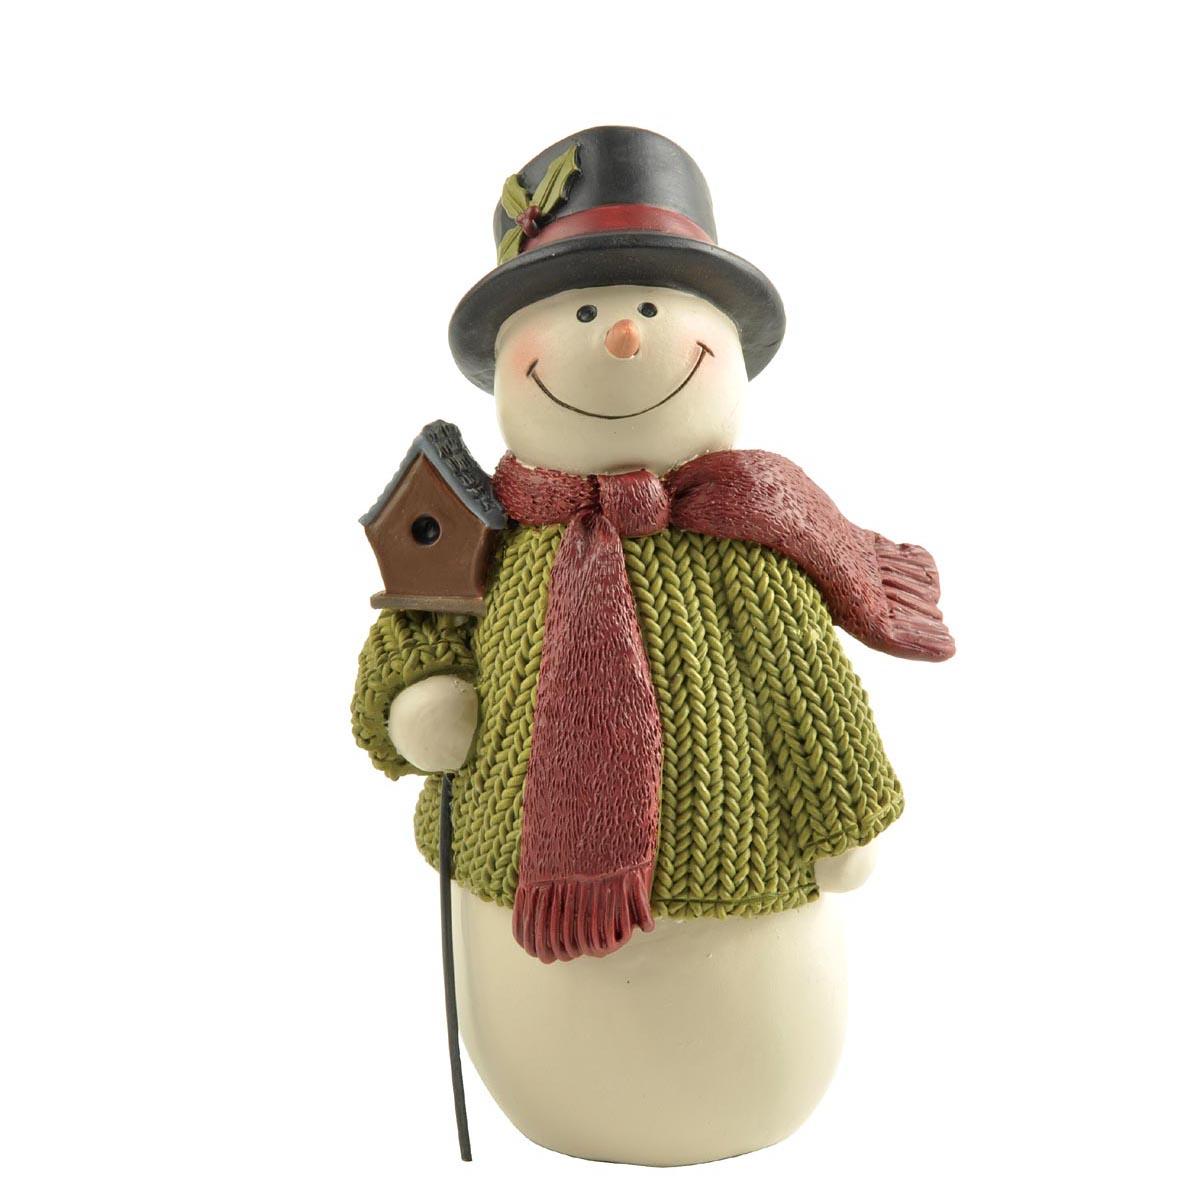 Ennas mini christmas figurines hot-sale at sale-1